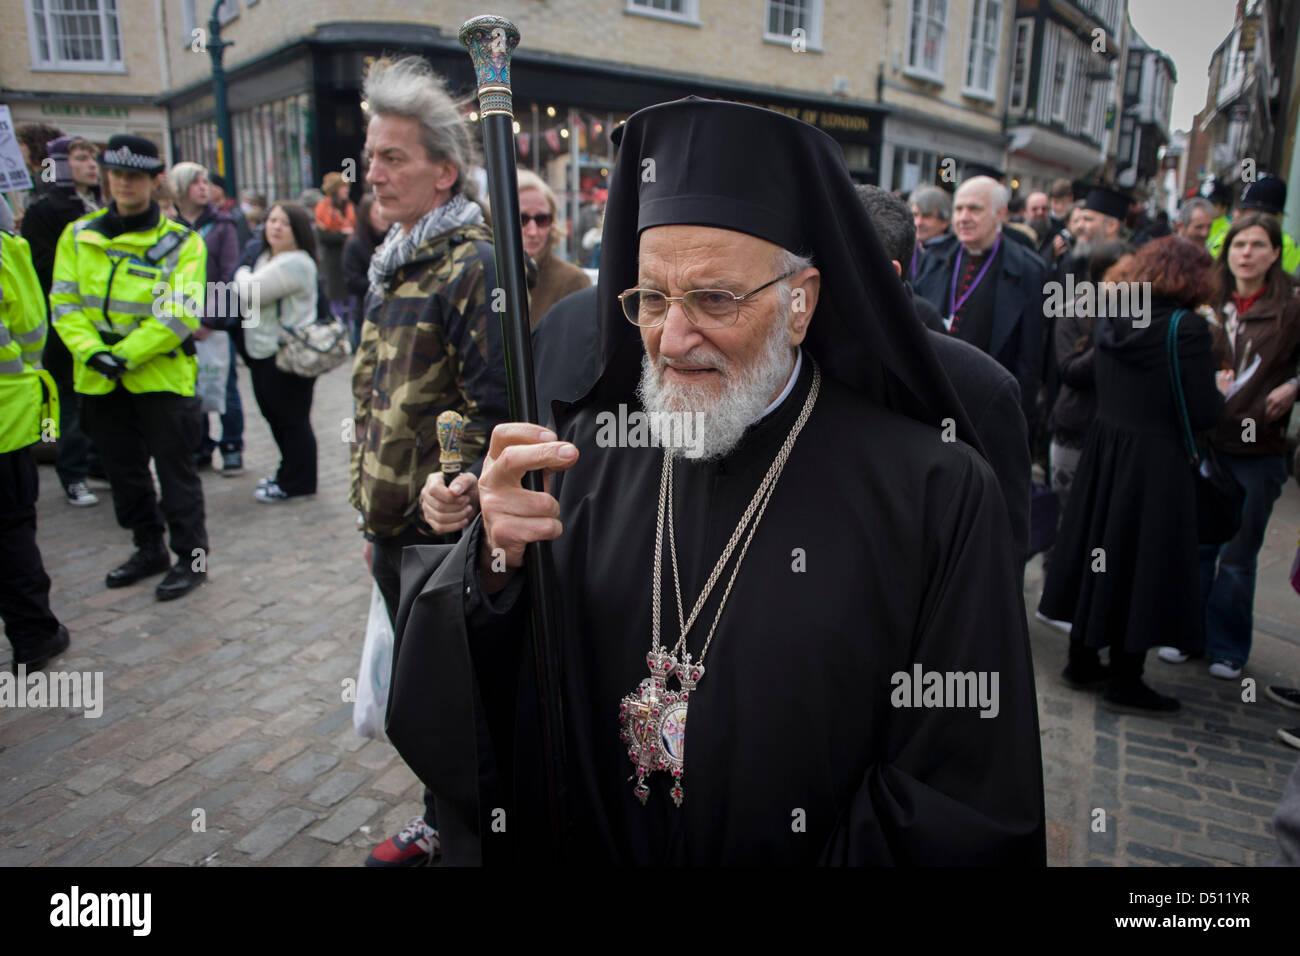 Canterbury, UK. 21. März 2013. VIP-Gäste aus allen Religionen, Konfessionen und Glaubensrichtungen Fuß Stockbild